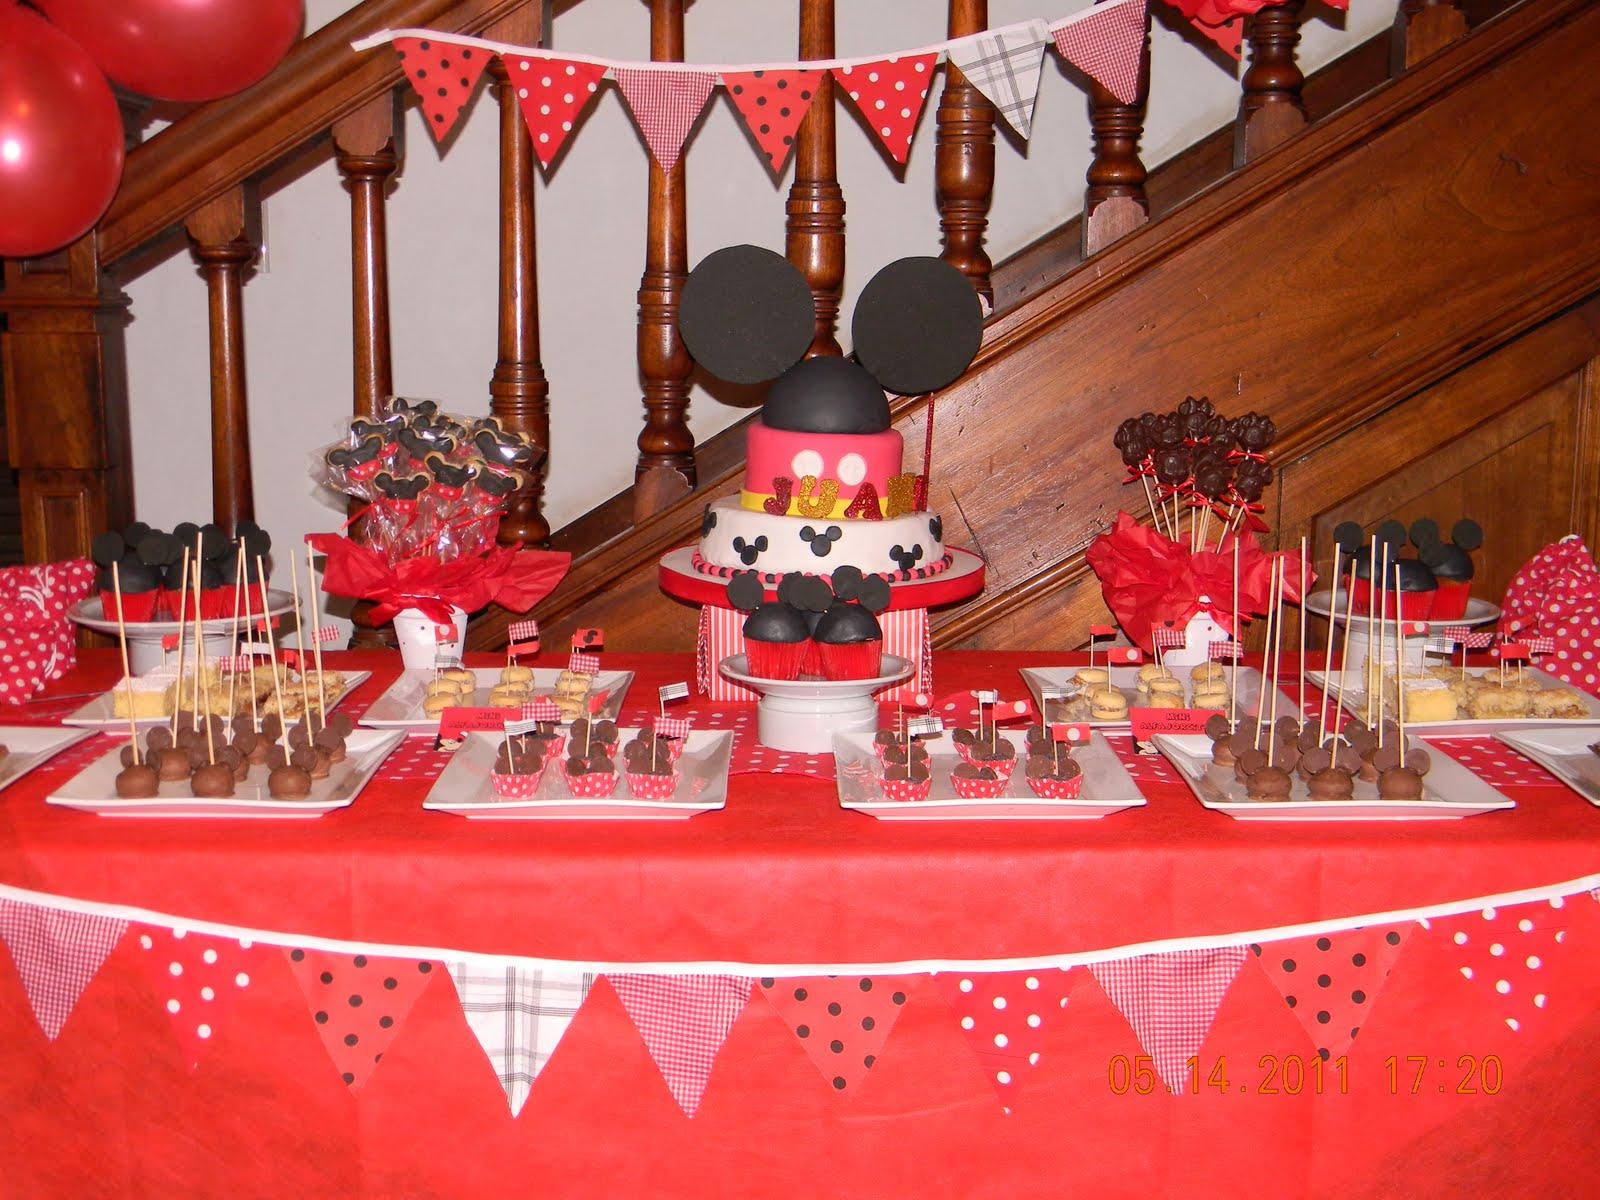 Juani, esta hermosa mesa tematica de Mickey Mouse con detalles de